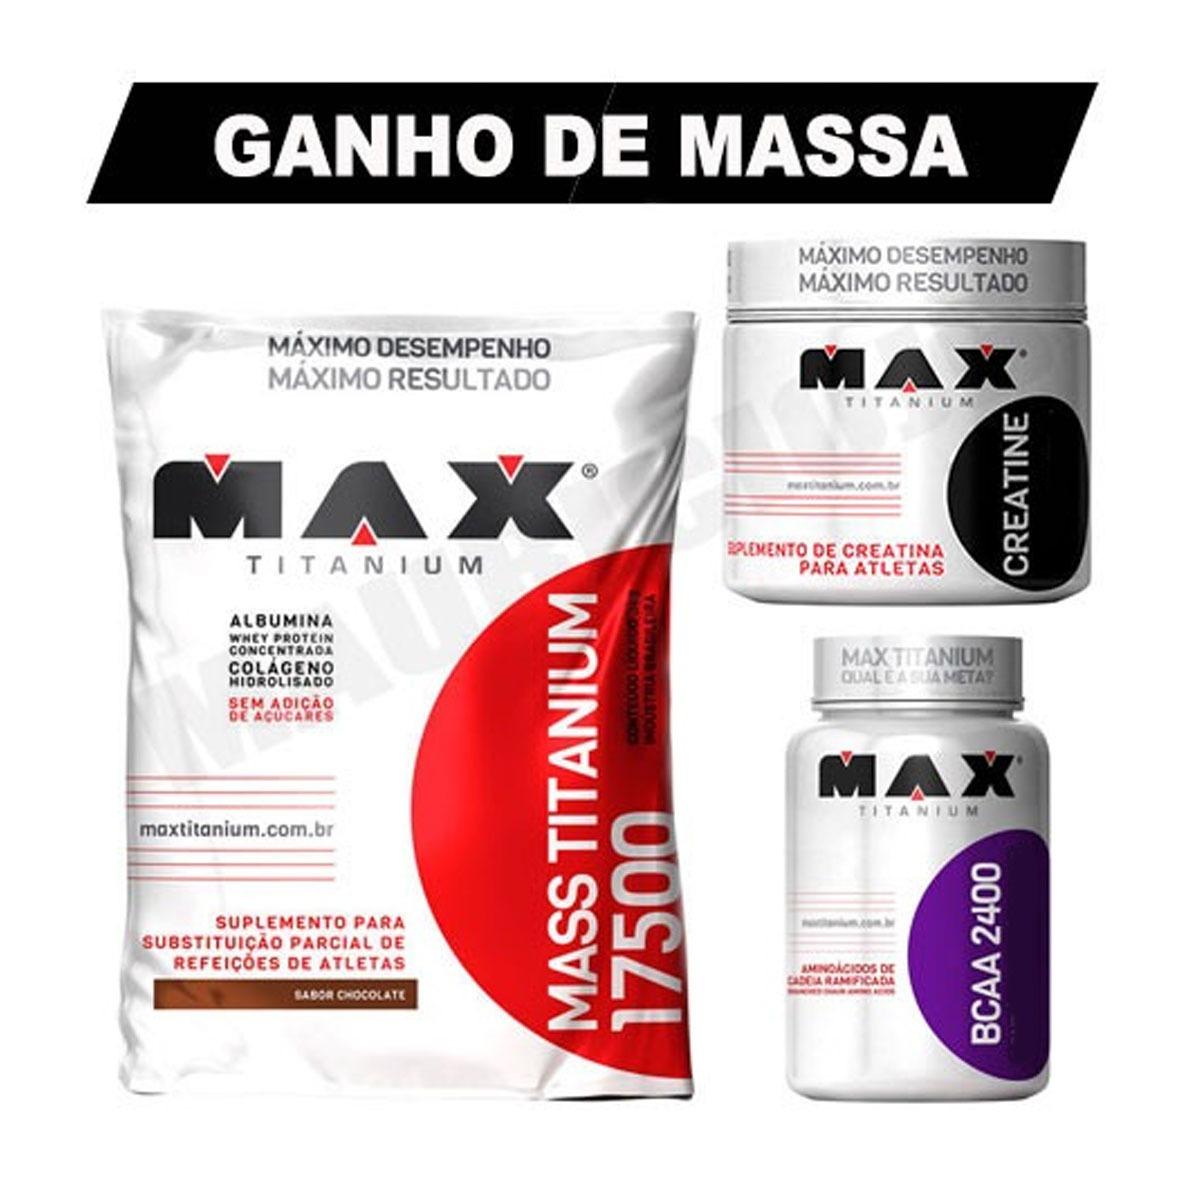 a61dad4f2 kit ganho de massa muscular hipercalórico + bcaa + creatina. Carregando  zoom.